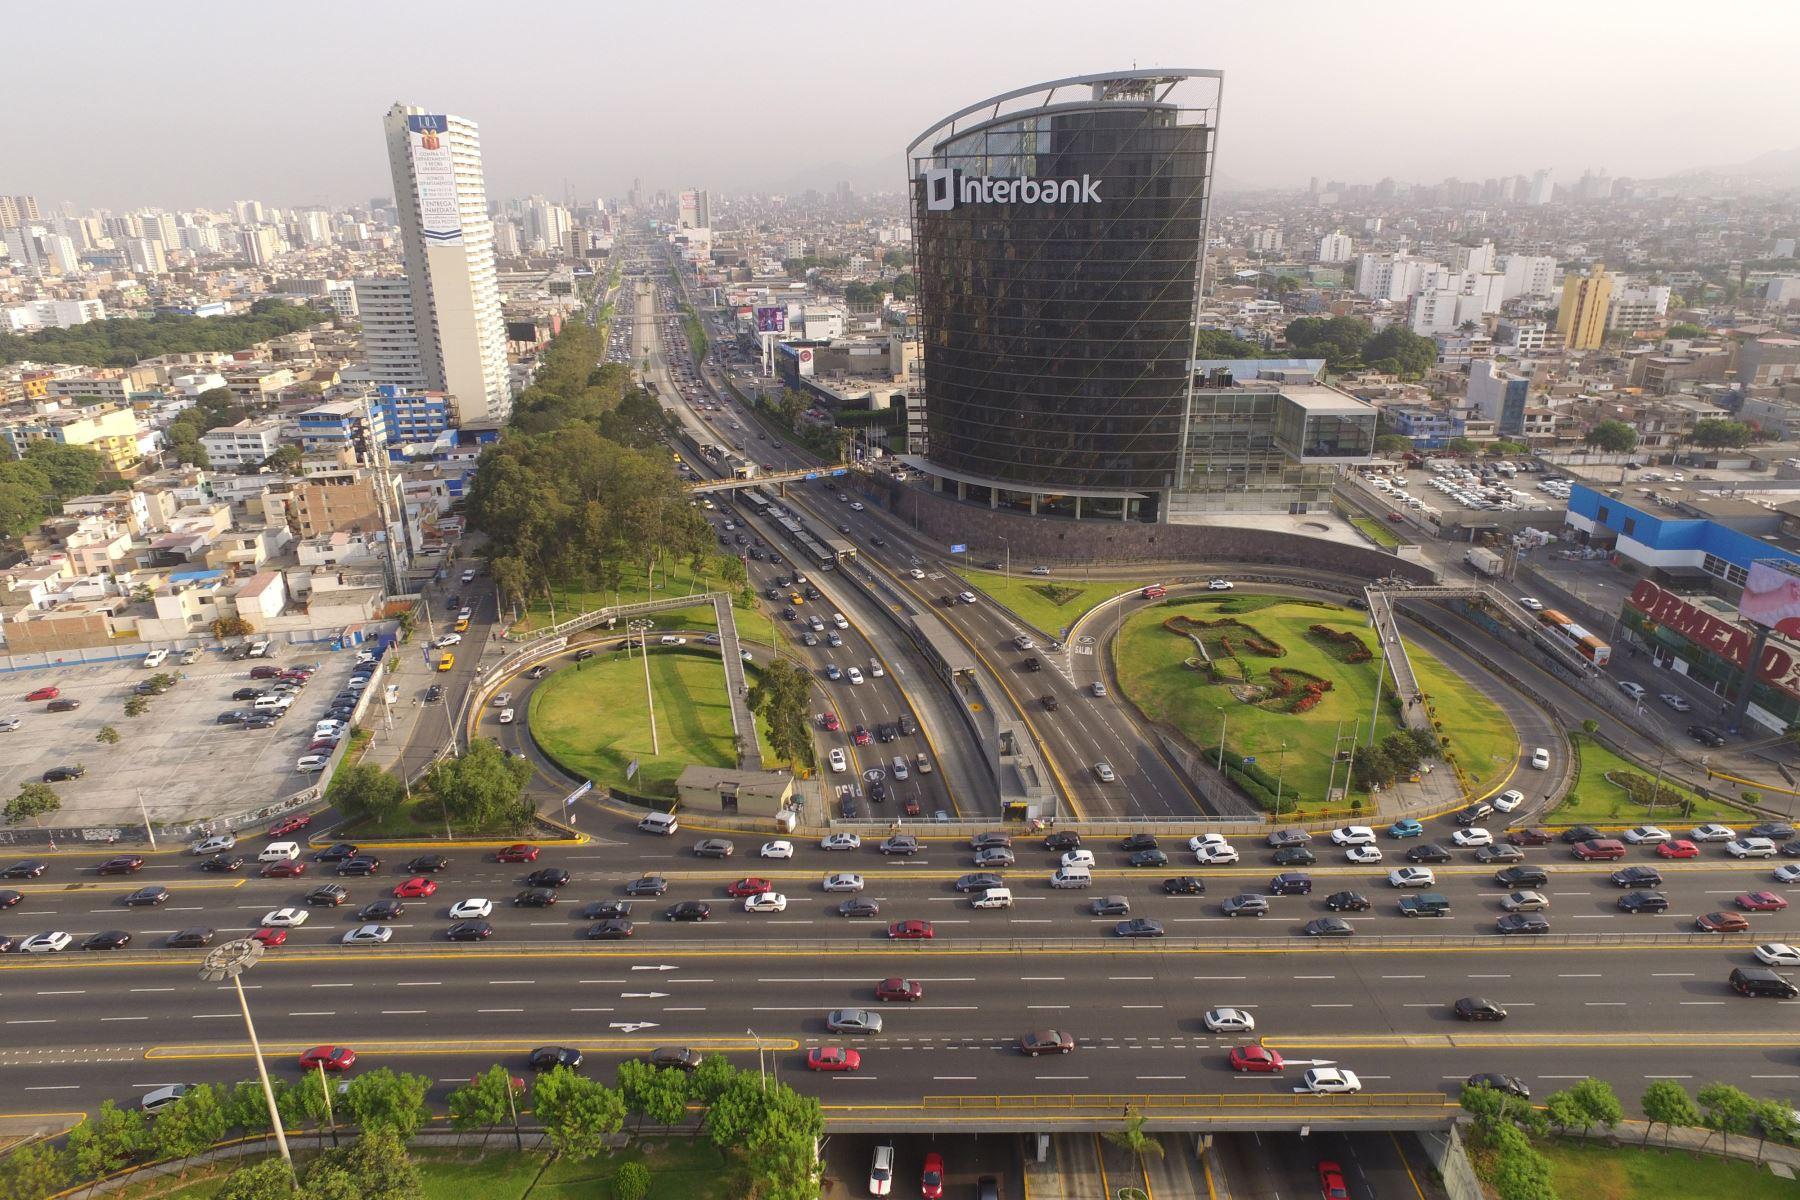 #RutaPerú: ¿cuáles han sido las consecuencias del intervencionismo en la economía peruana?